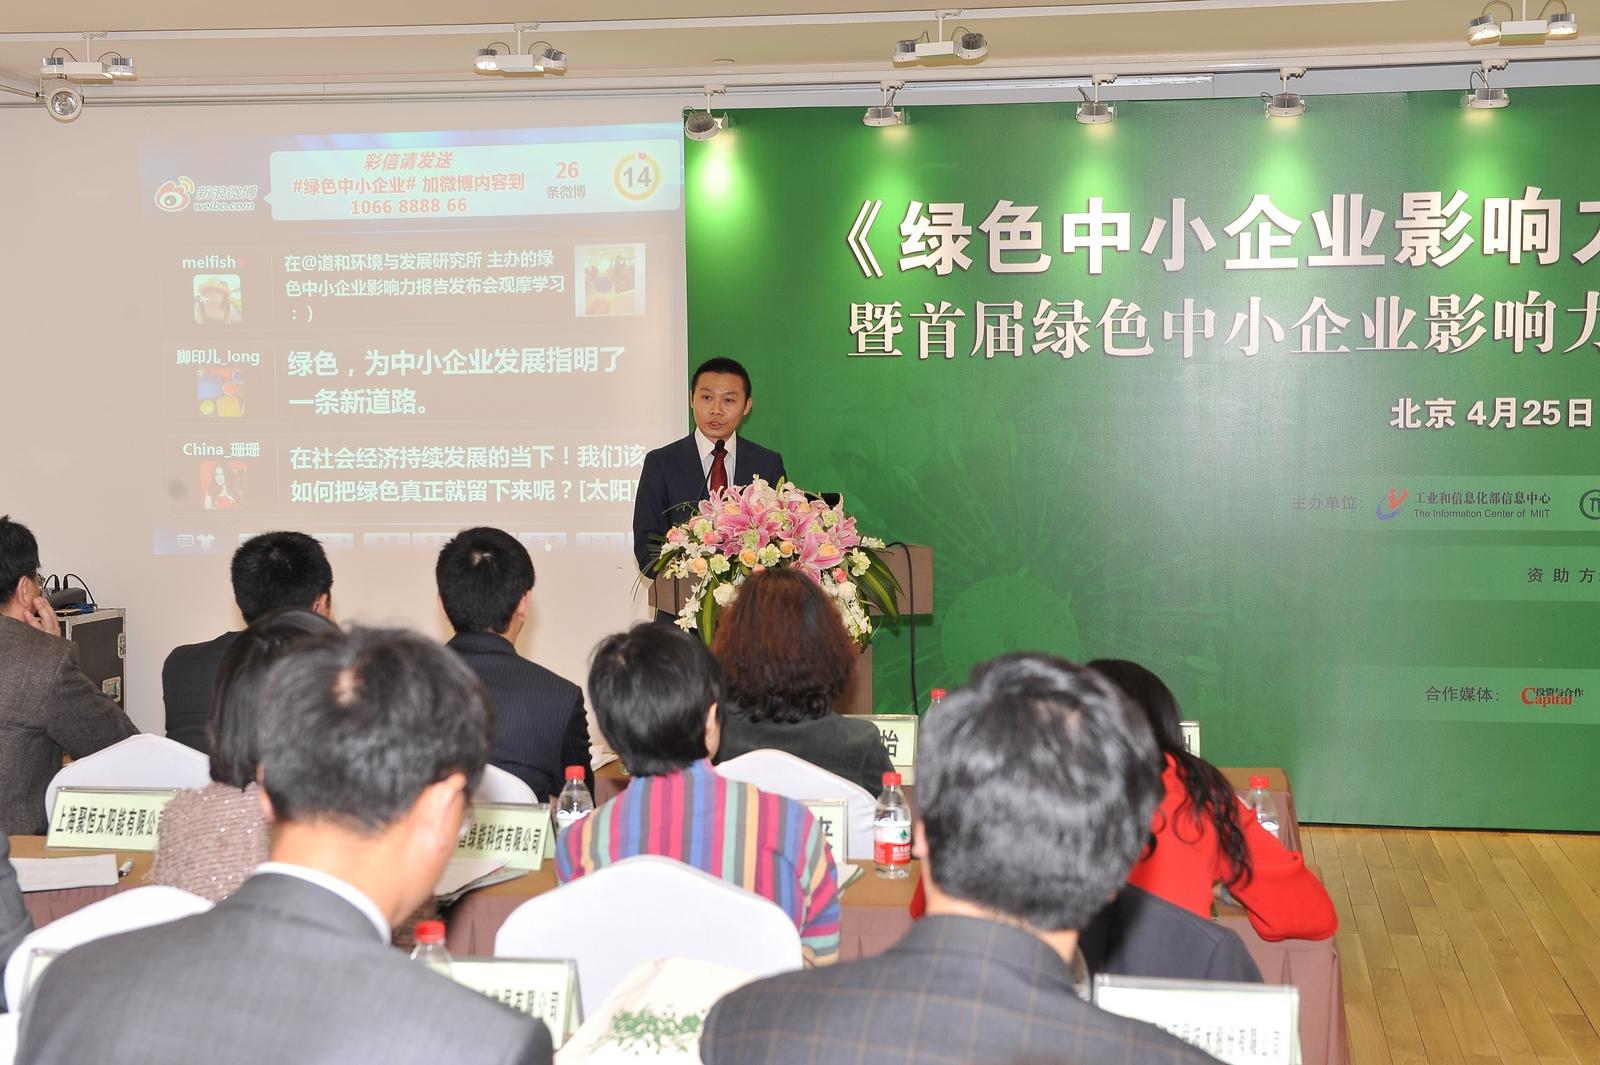 壳牌中国国家财务总监黄宏洲发言